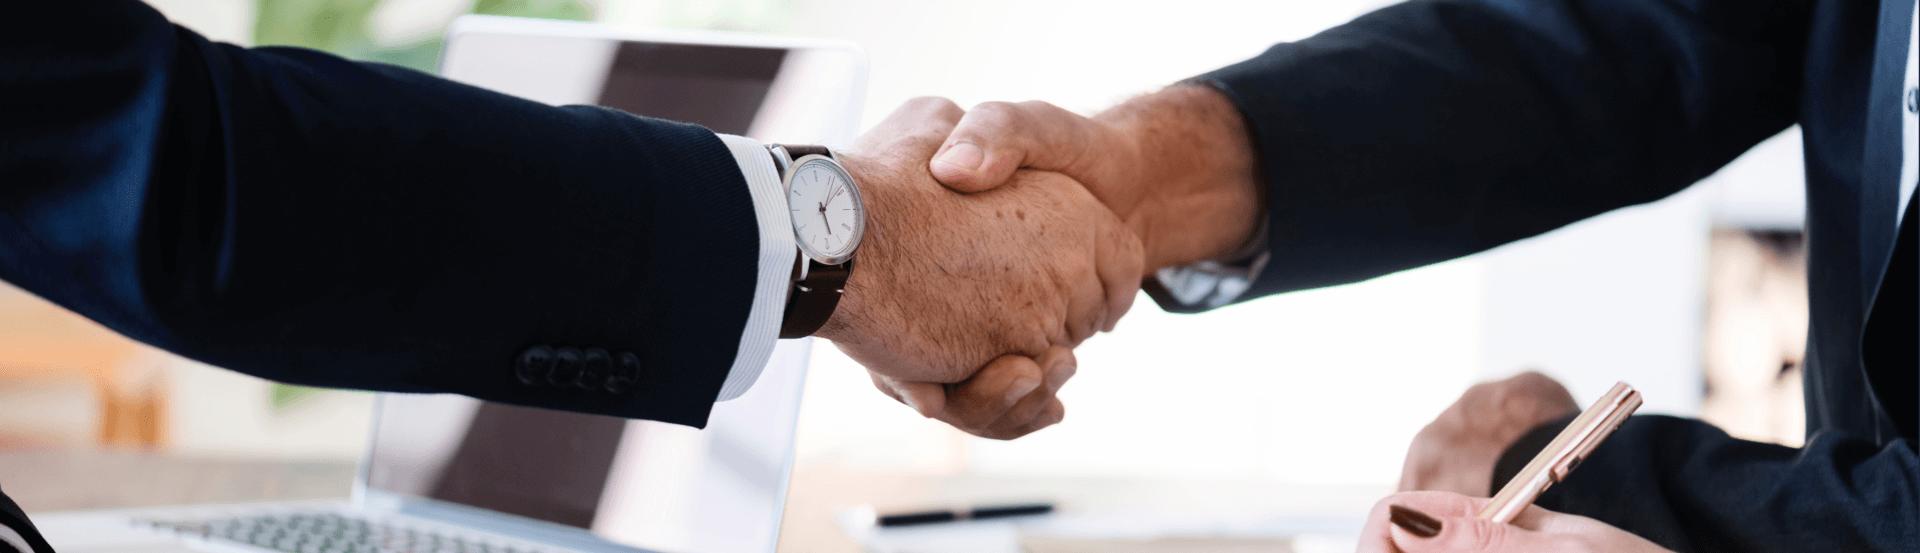 Vilket faktureringsföretag är bäst?